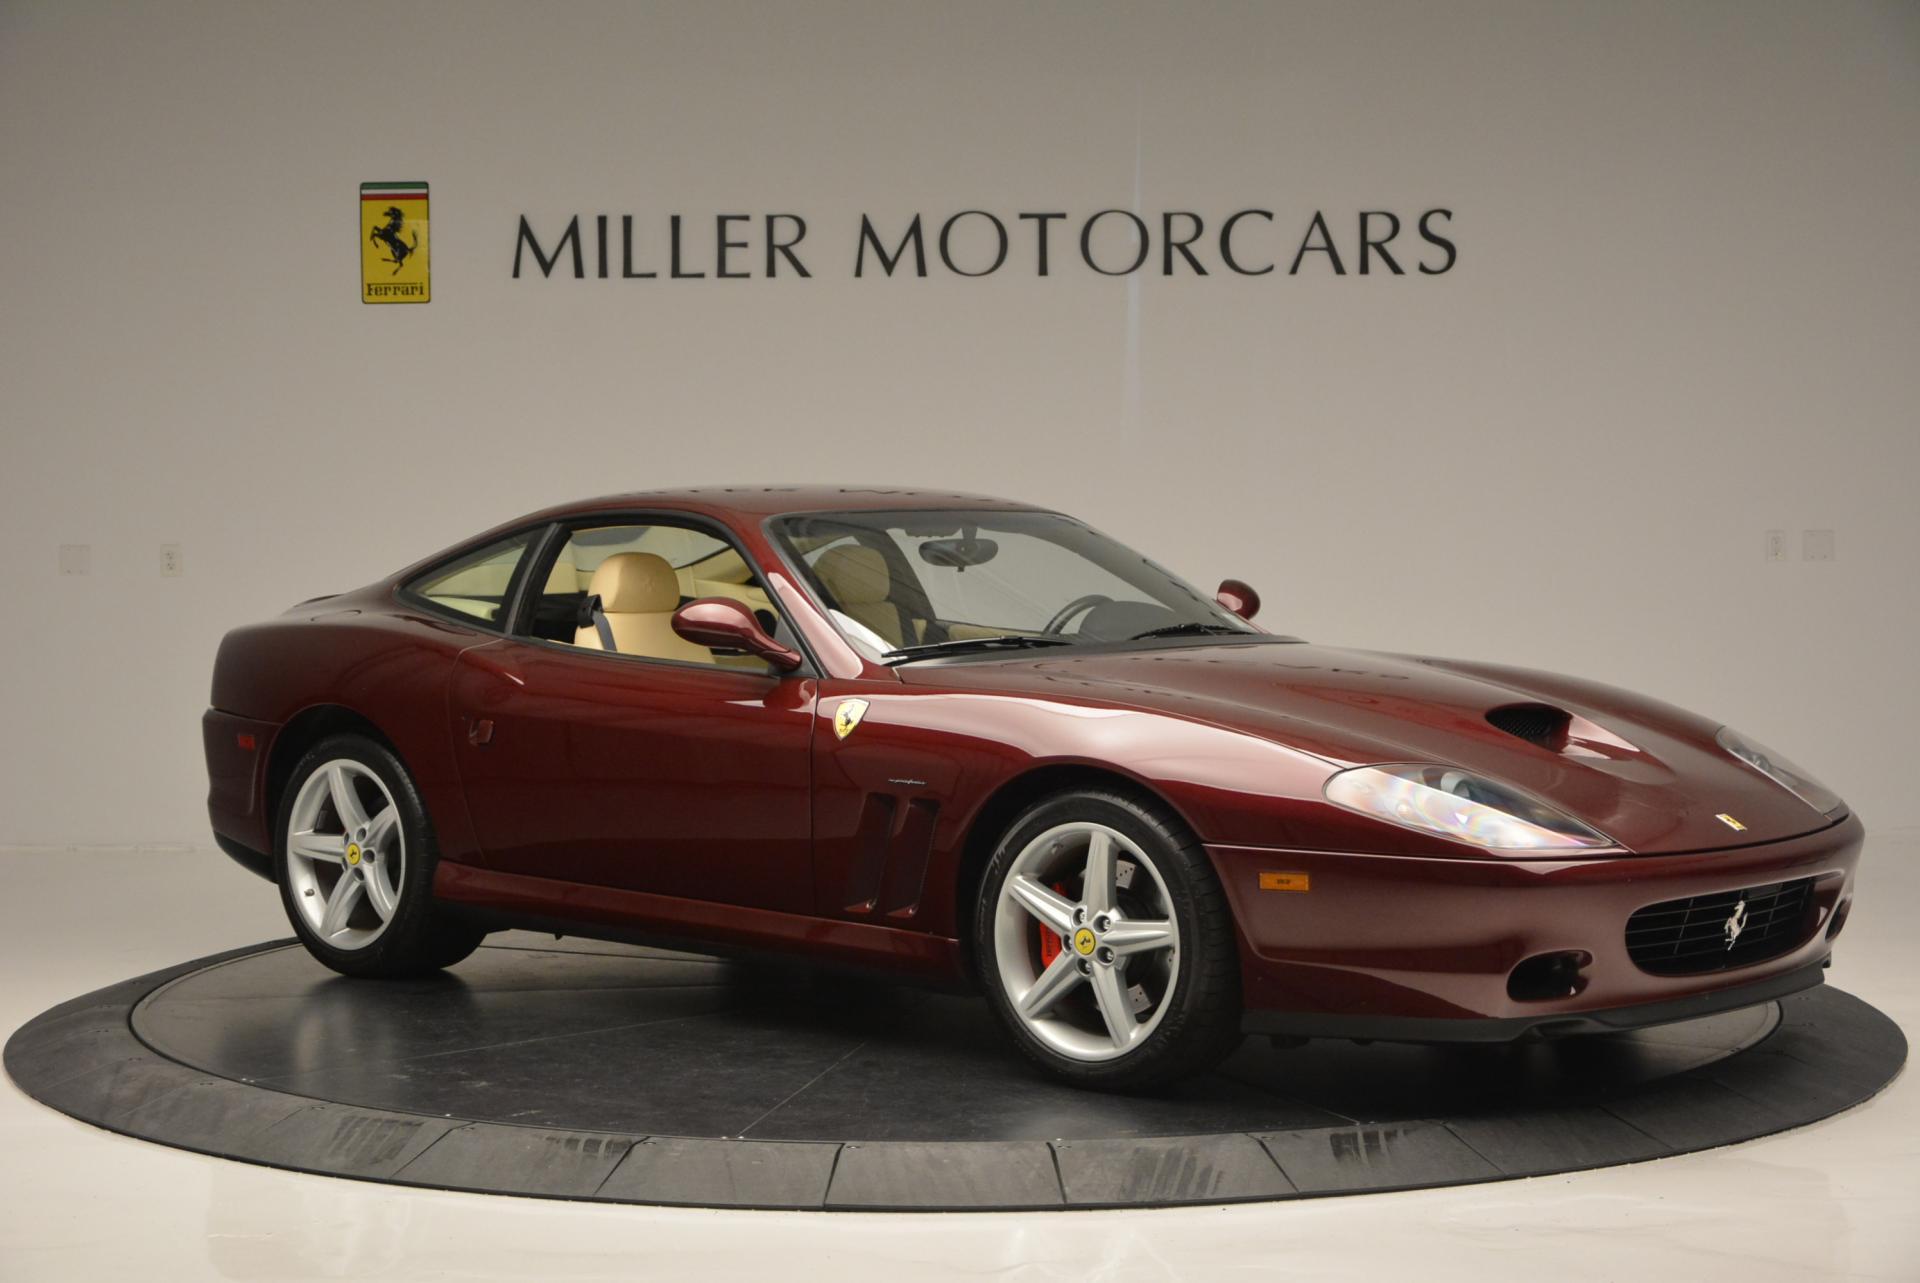 Used 2003 Ferrari 575M Maranello 6-Speed Manual For Sale In Greenwich, CT 143_p10